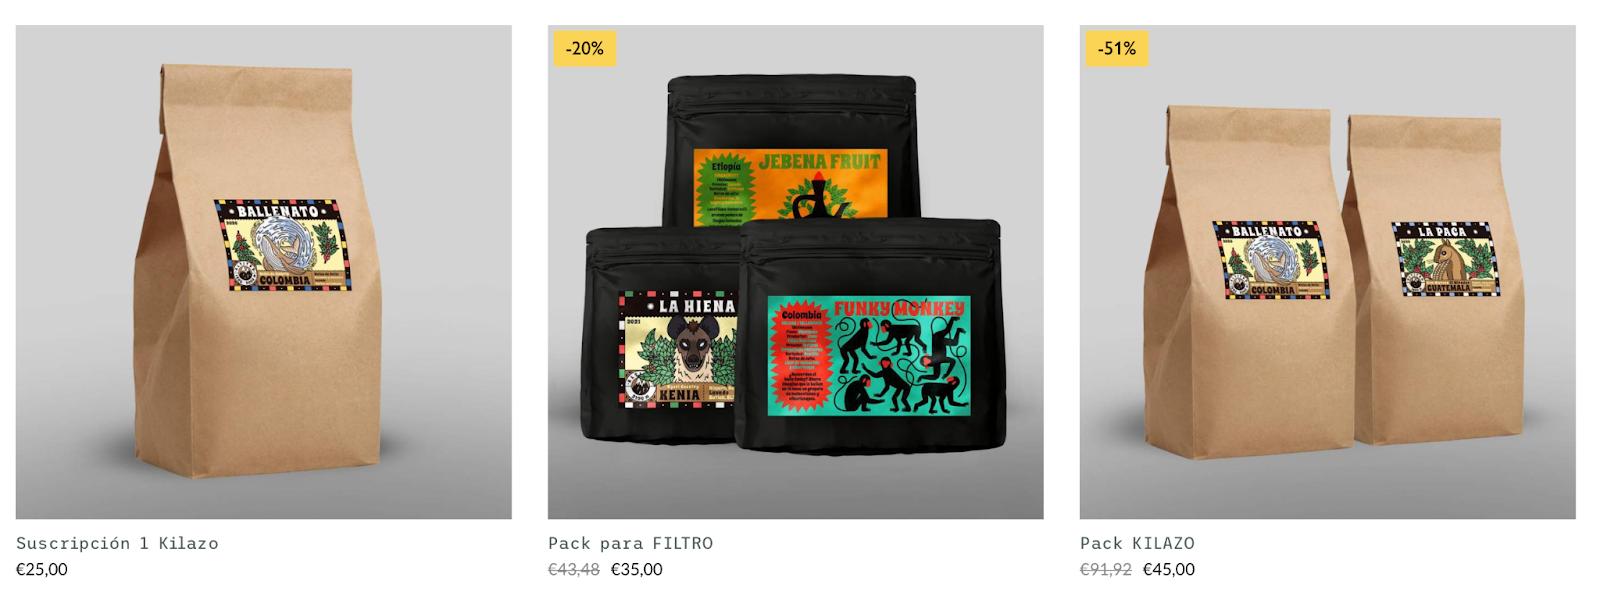 Ejemplos de señuelos en tiendas online